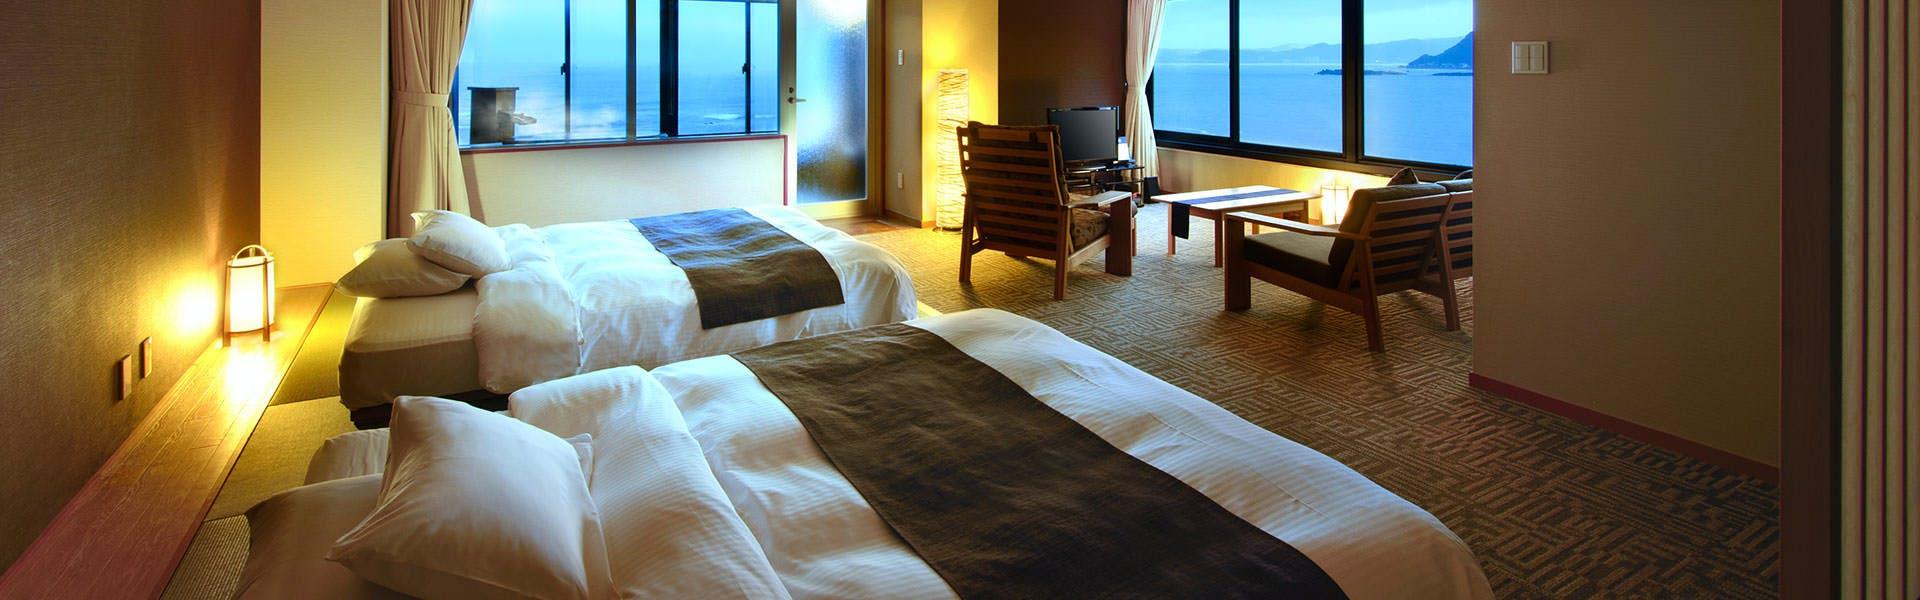 記念日におすすめのホテル・「浜辺の湯・浪漫の歌」 宿 中屋の写真2